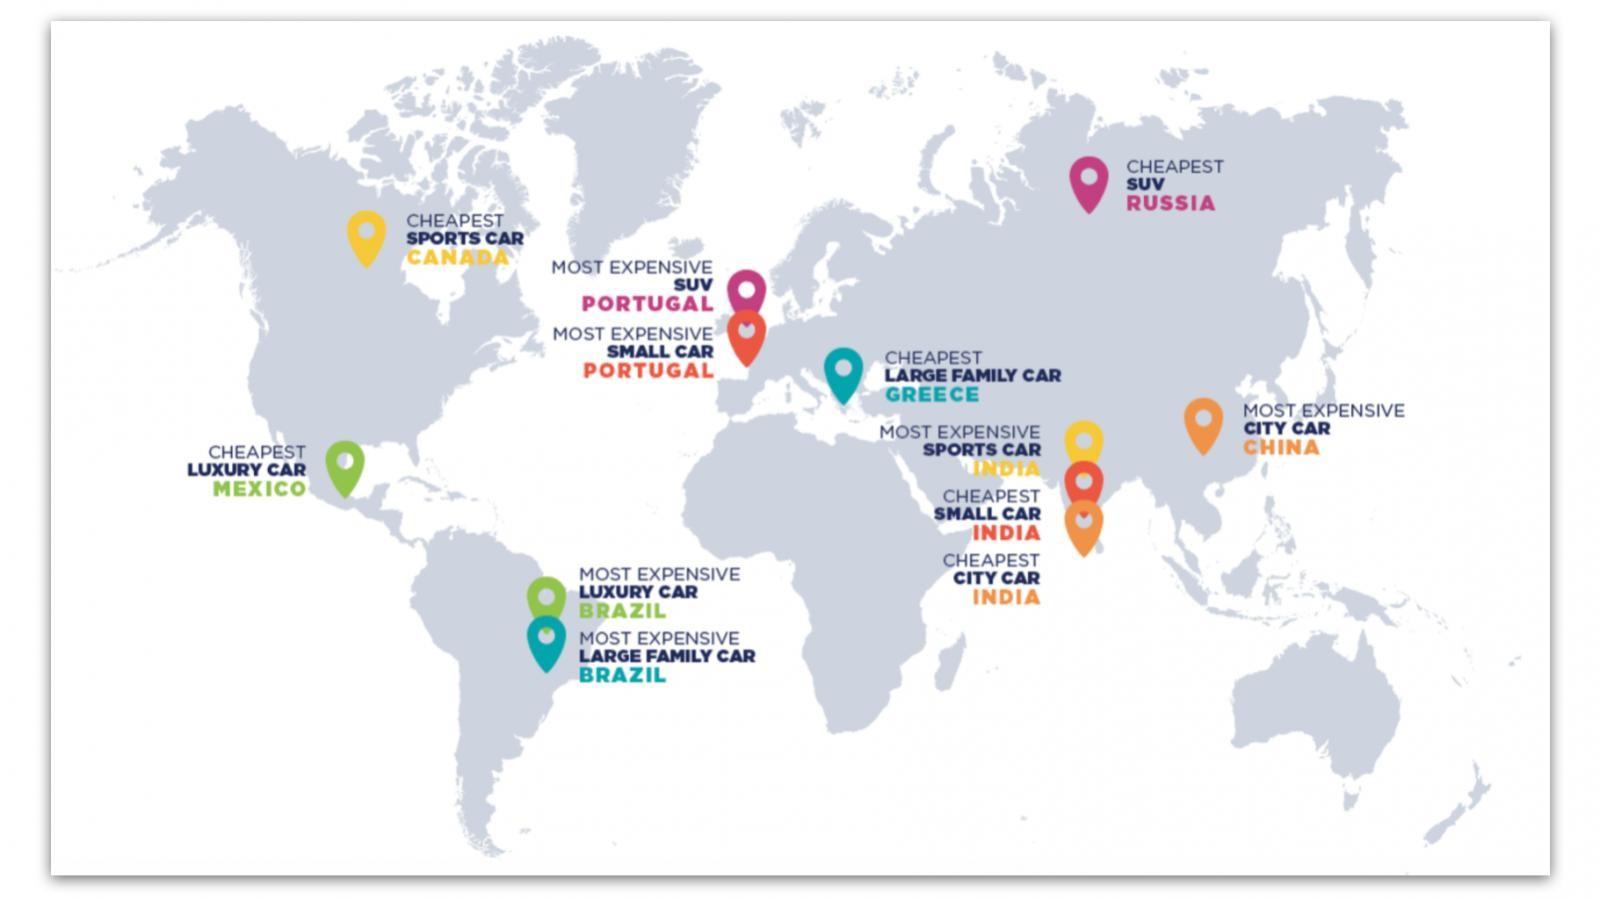 Những quốc gia có giá mua và nuôi xe rẻ nhất, đắt nhất trên thế giới theo Compare the Market